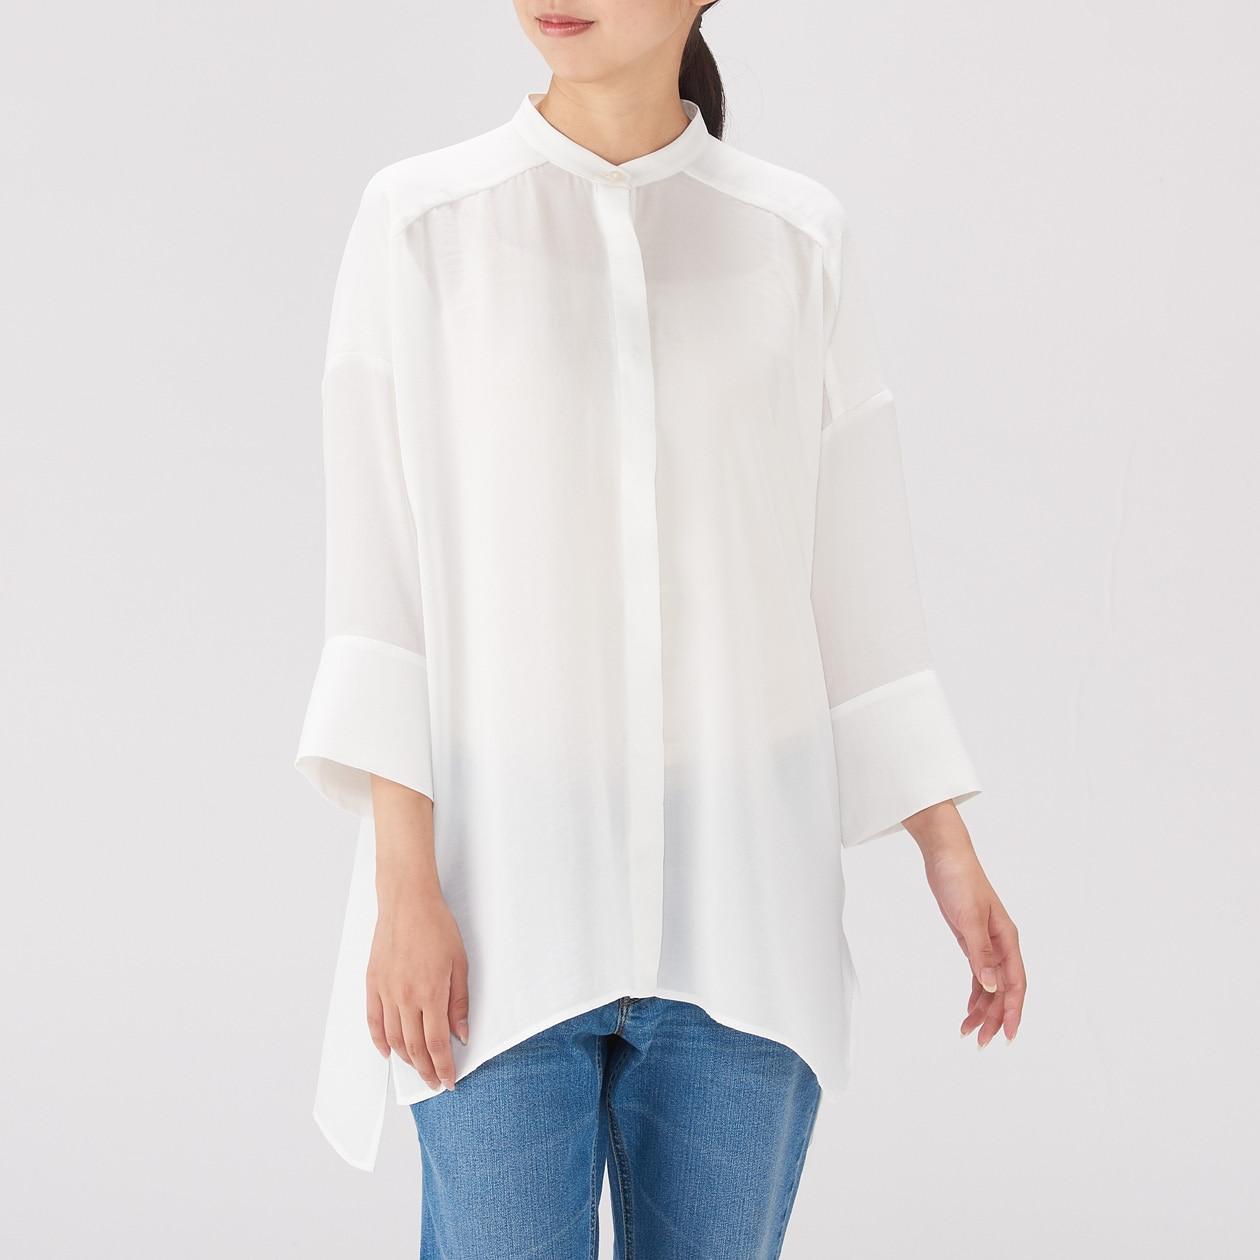 女聚酯纖維寬肩長版衫 白色ONE SIZE | 無印良品